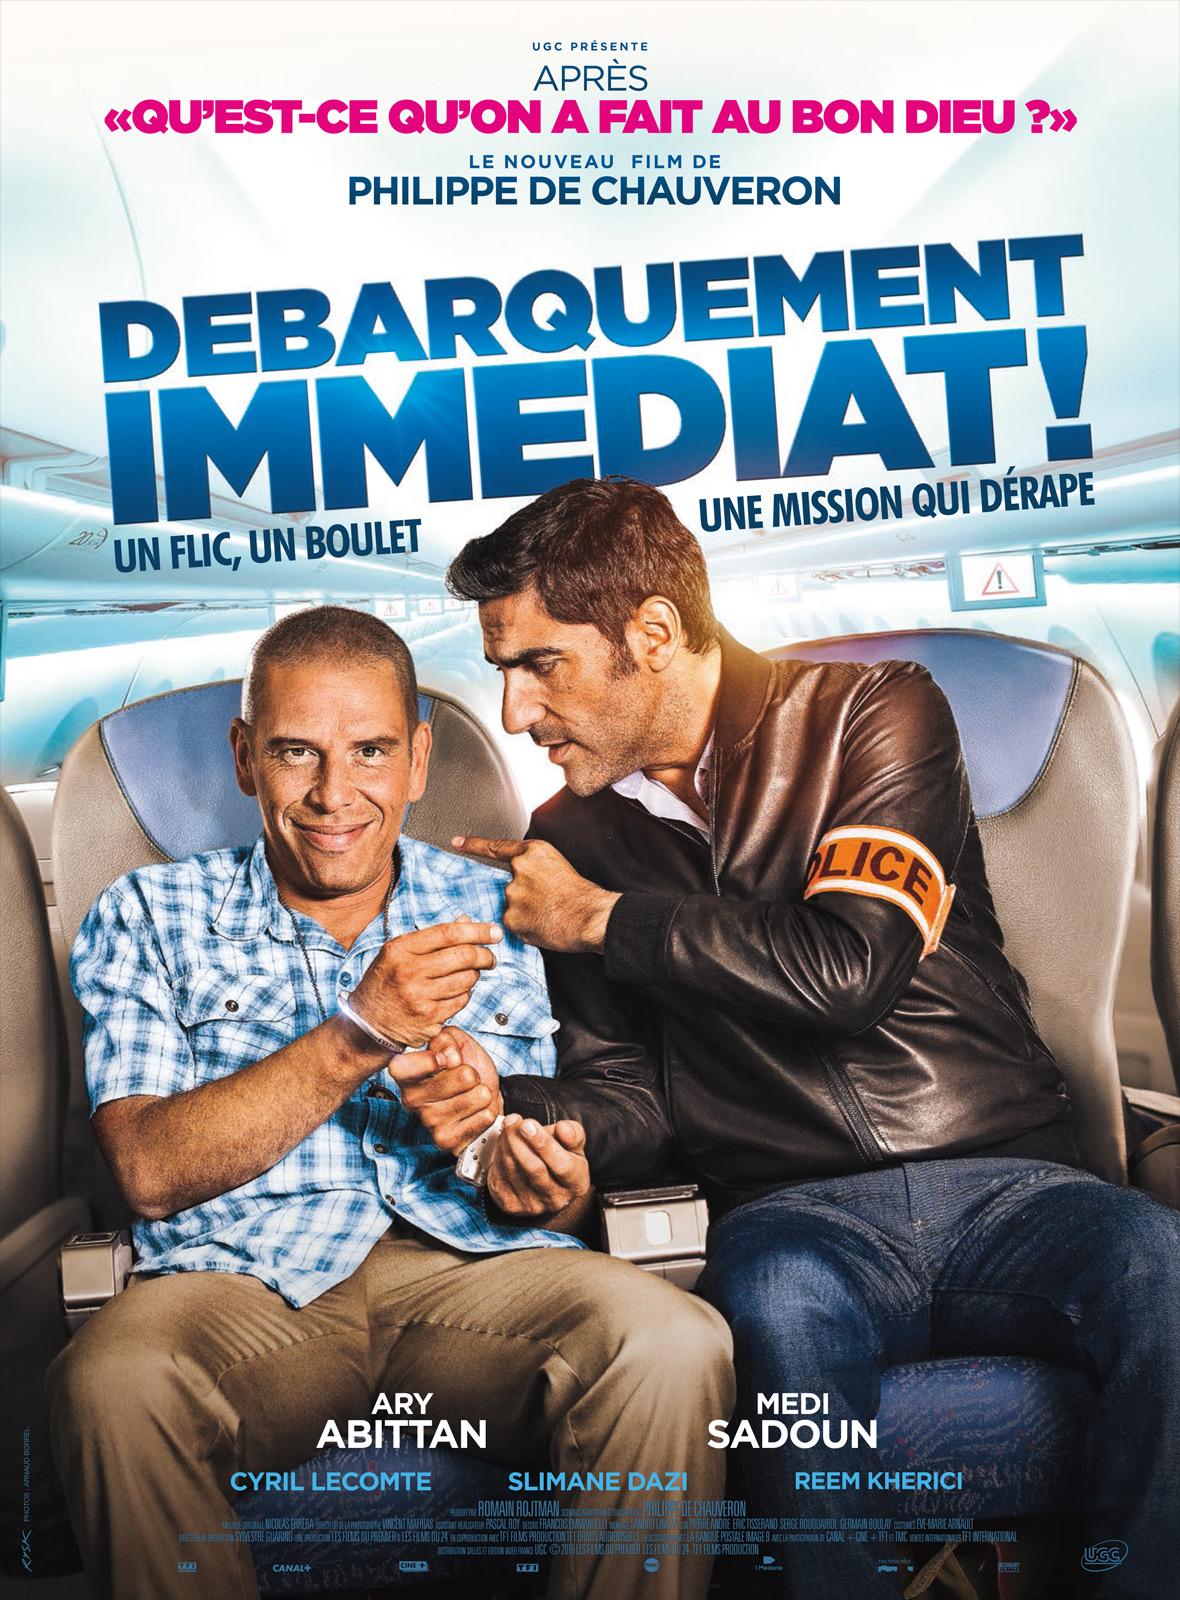 GRATUITEMENT DEUX FOLIE FILM TÉLÉCHARGER LARRONS